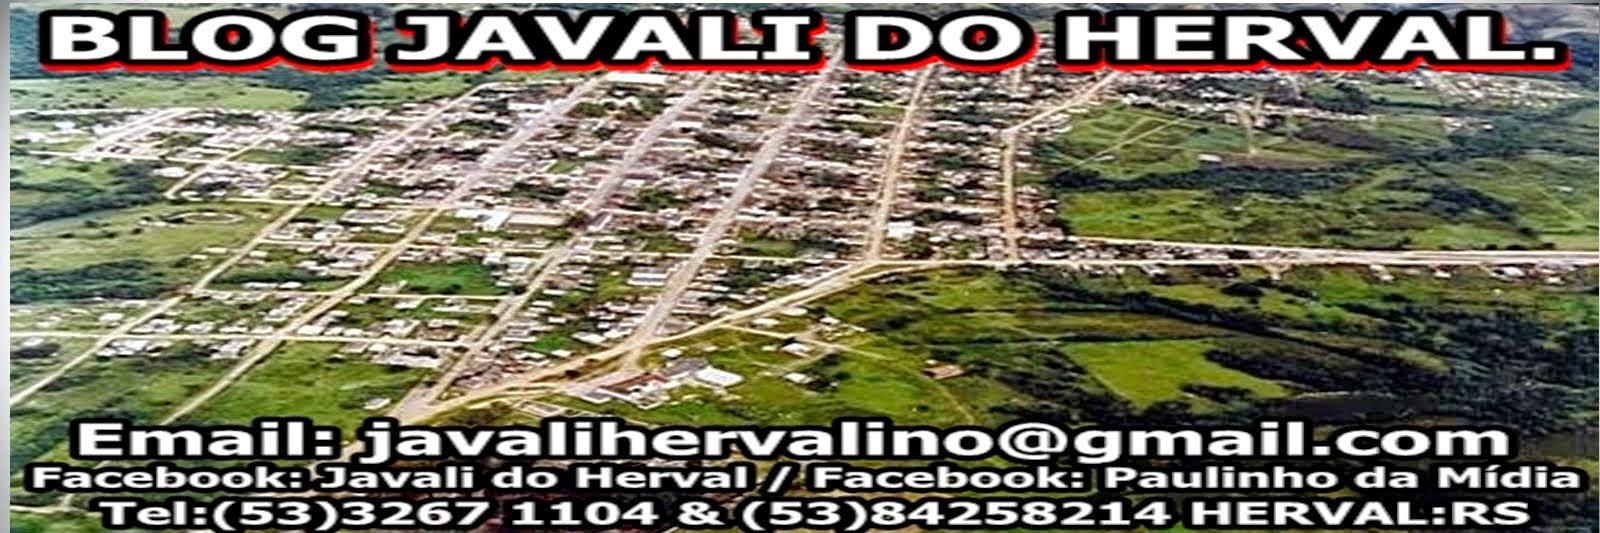 BLOG JAVALI DO HERVAL  javalihervalino@gmail.com  (53) 84258214